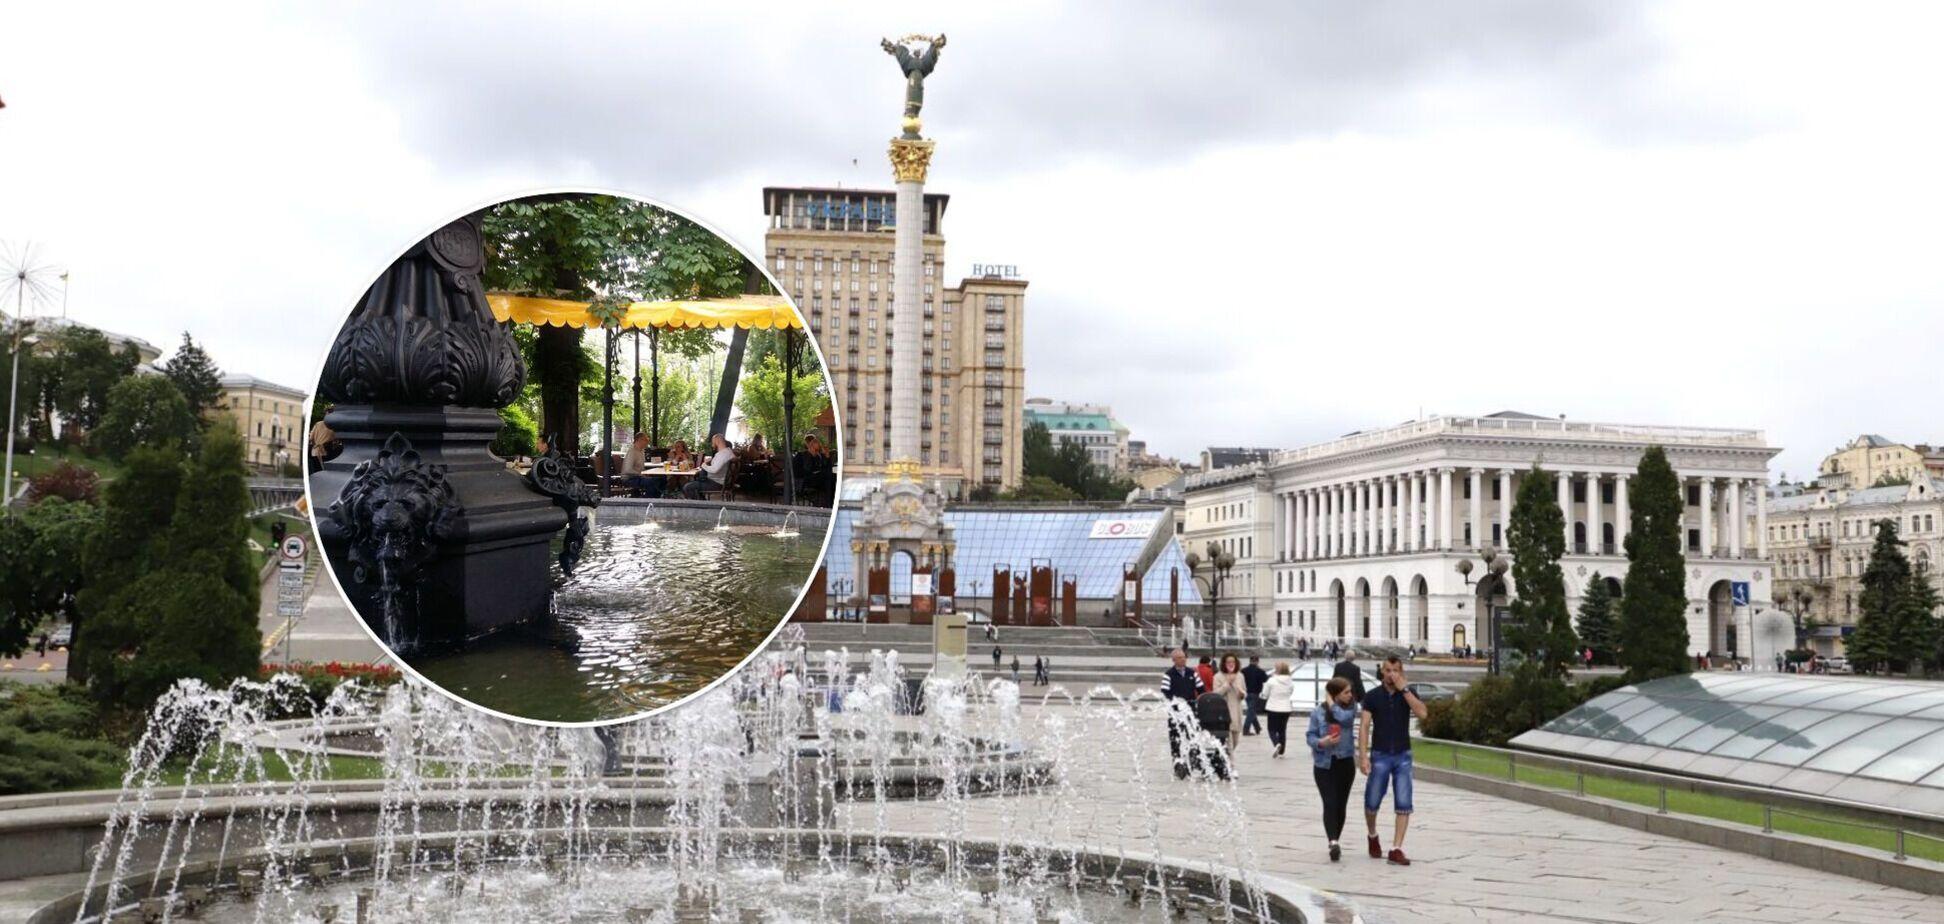 У Києві розпочався сезон фонтанів: де шукати найцікавіші водограї. Відео